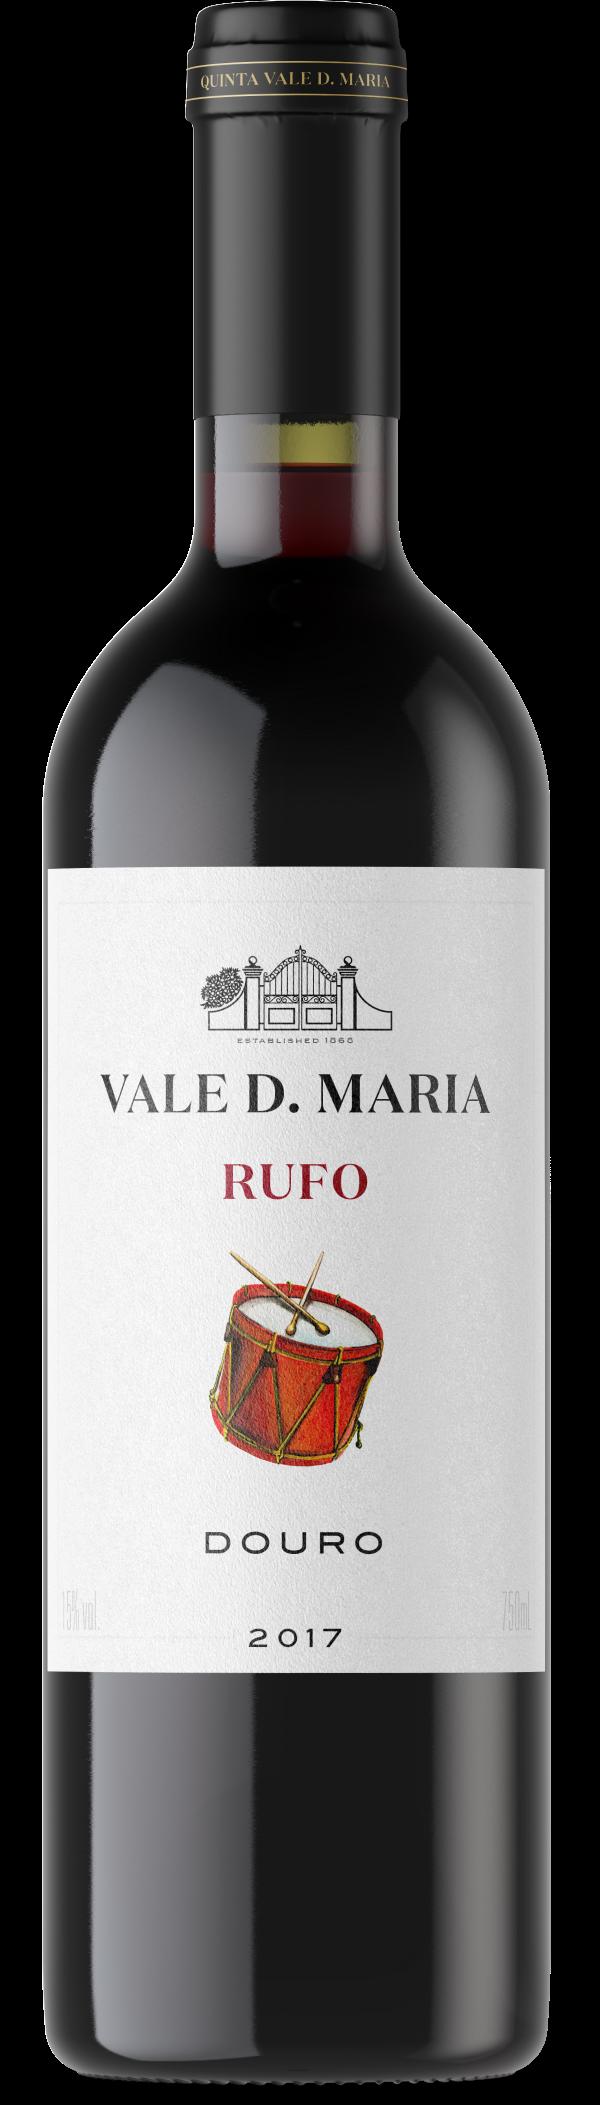 Portugalské červené víno Vale D. Maria Rufo Douro DOC na eshopu vín z Portugalska